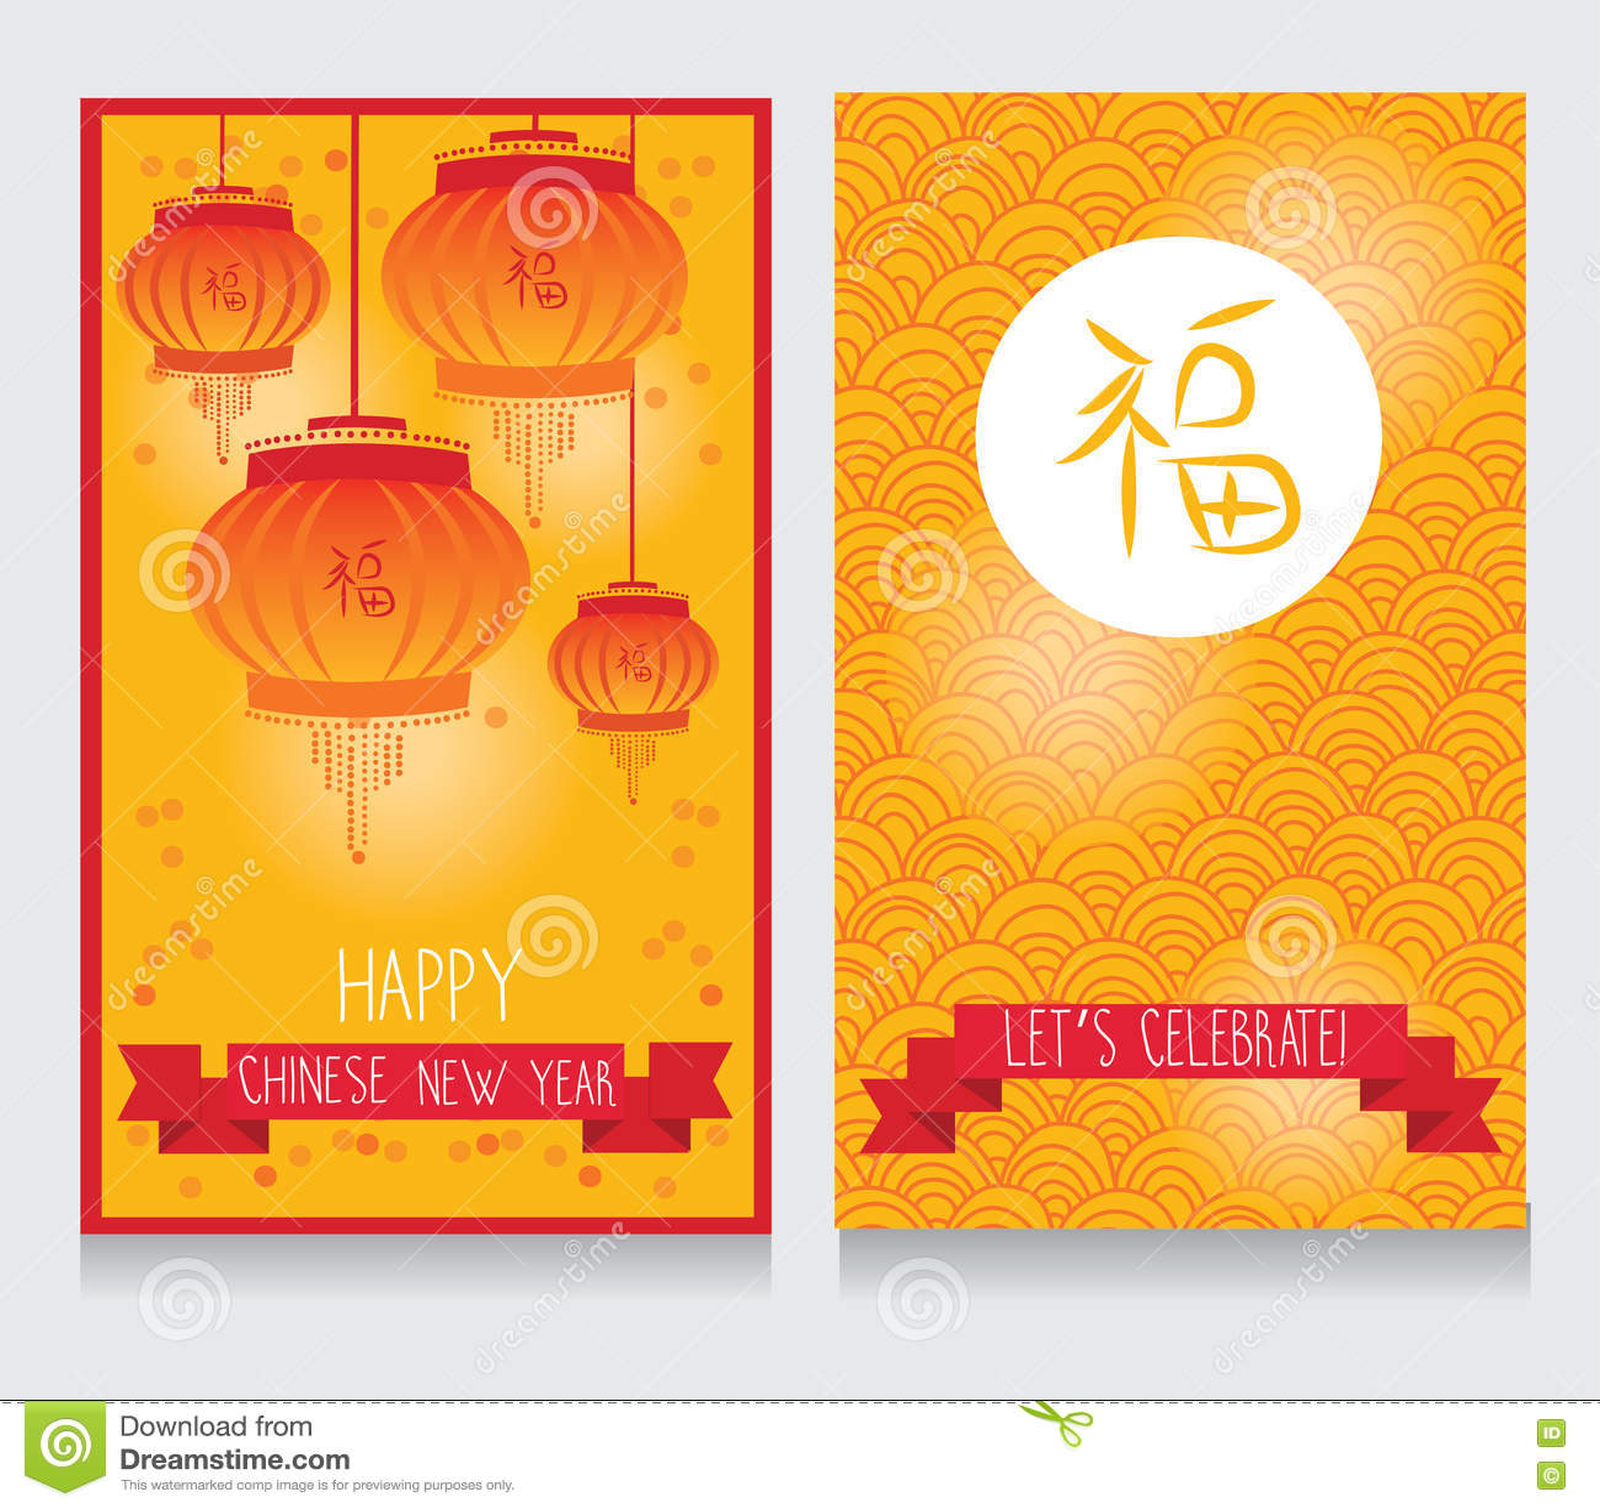 Grußkarten Für Chinesisches Neues Jahr Mit Glücklicher Und ...